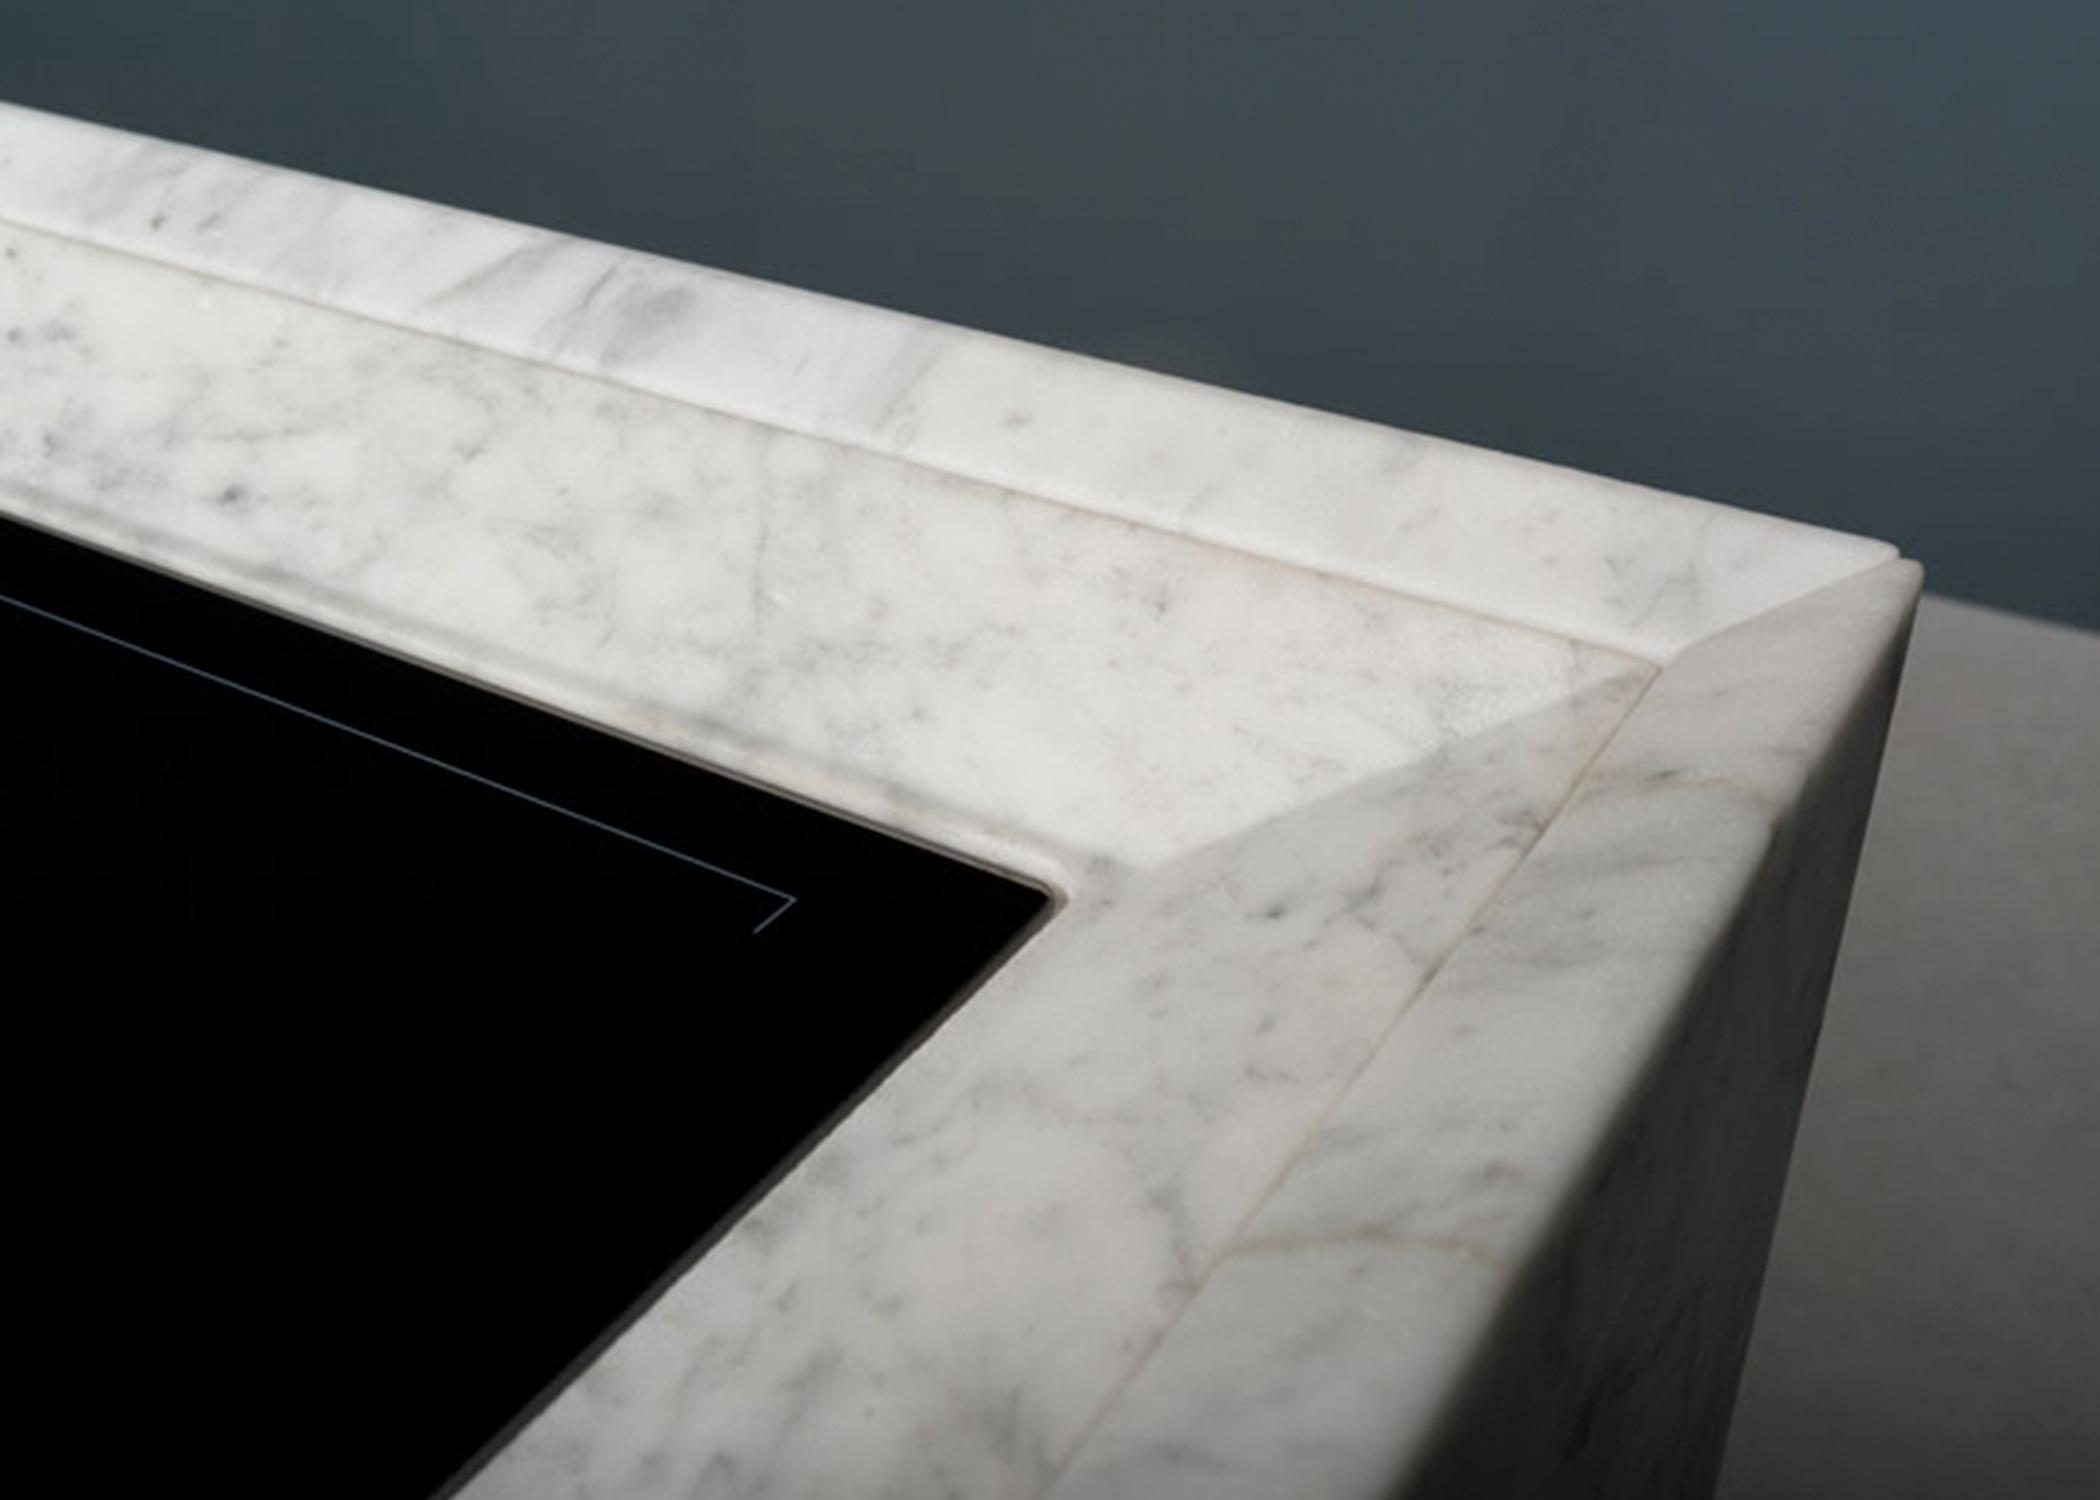 Elementi-Vaselli-Impluvium-Carrara-3.jpg